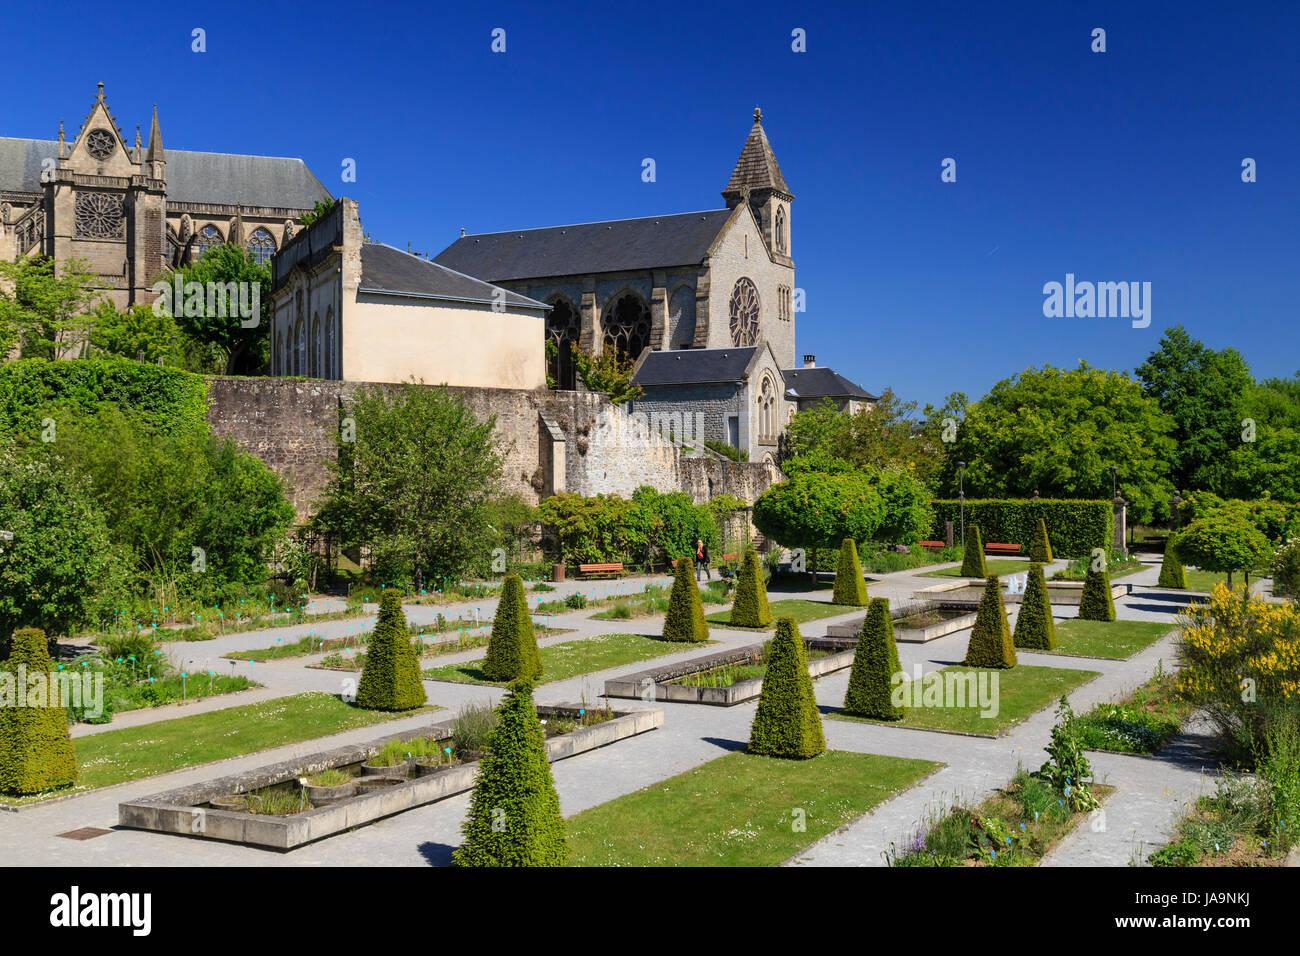 France haute vienne limoges the jardin botanique de l for 87 haute vienne france